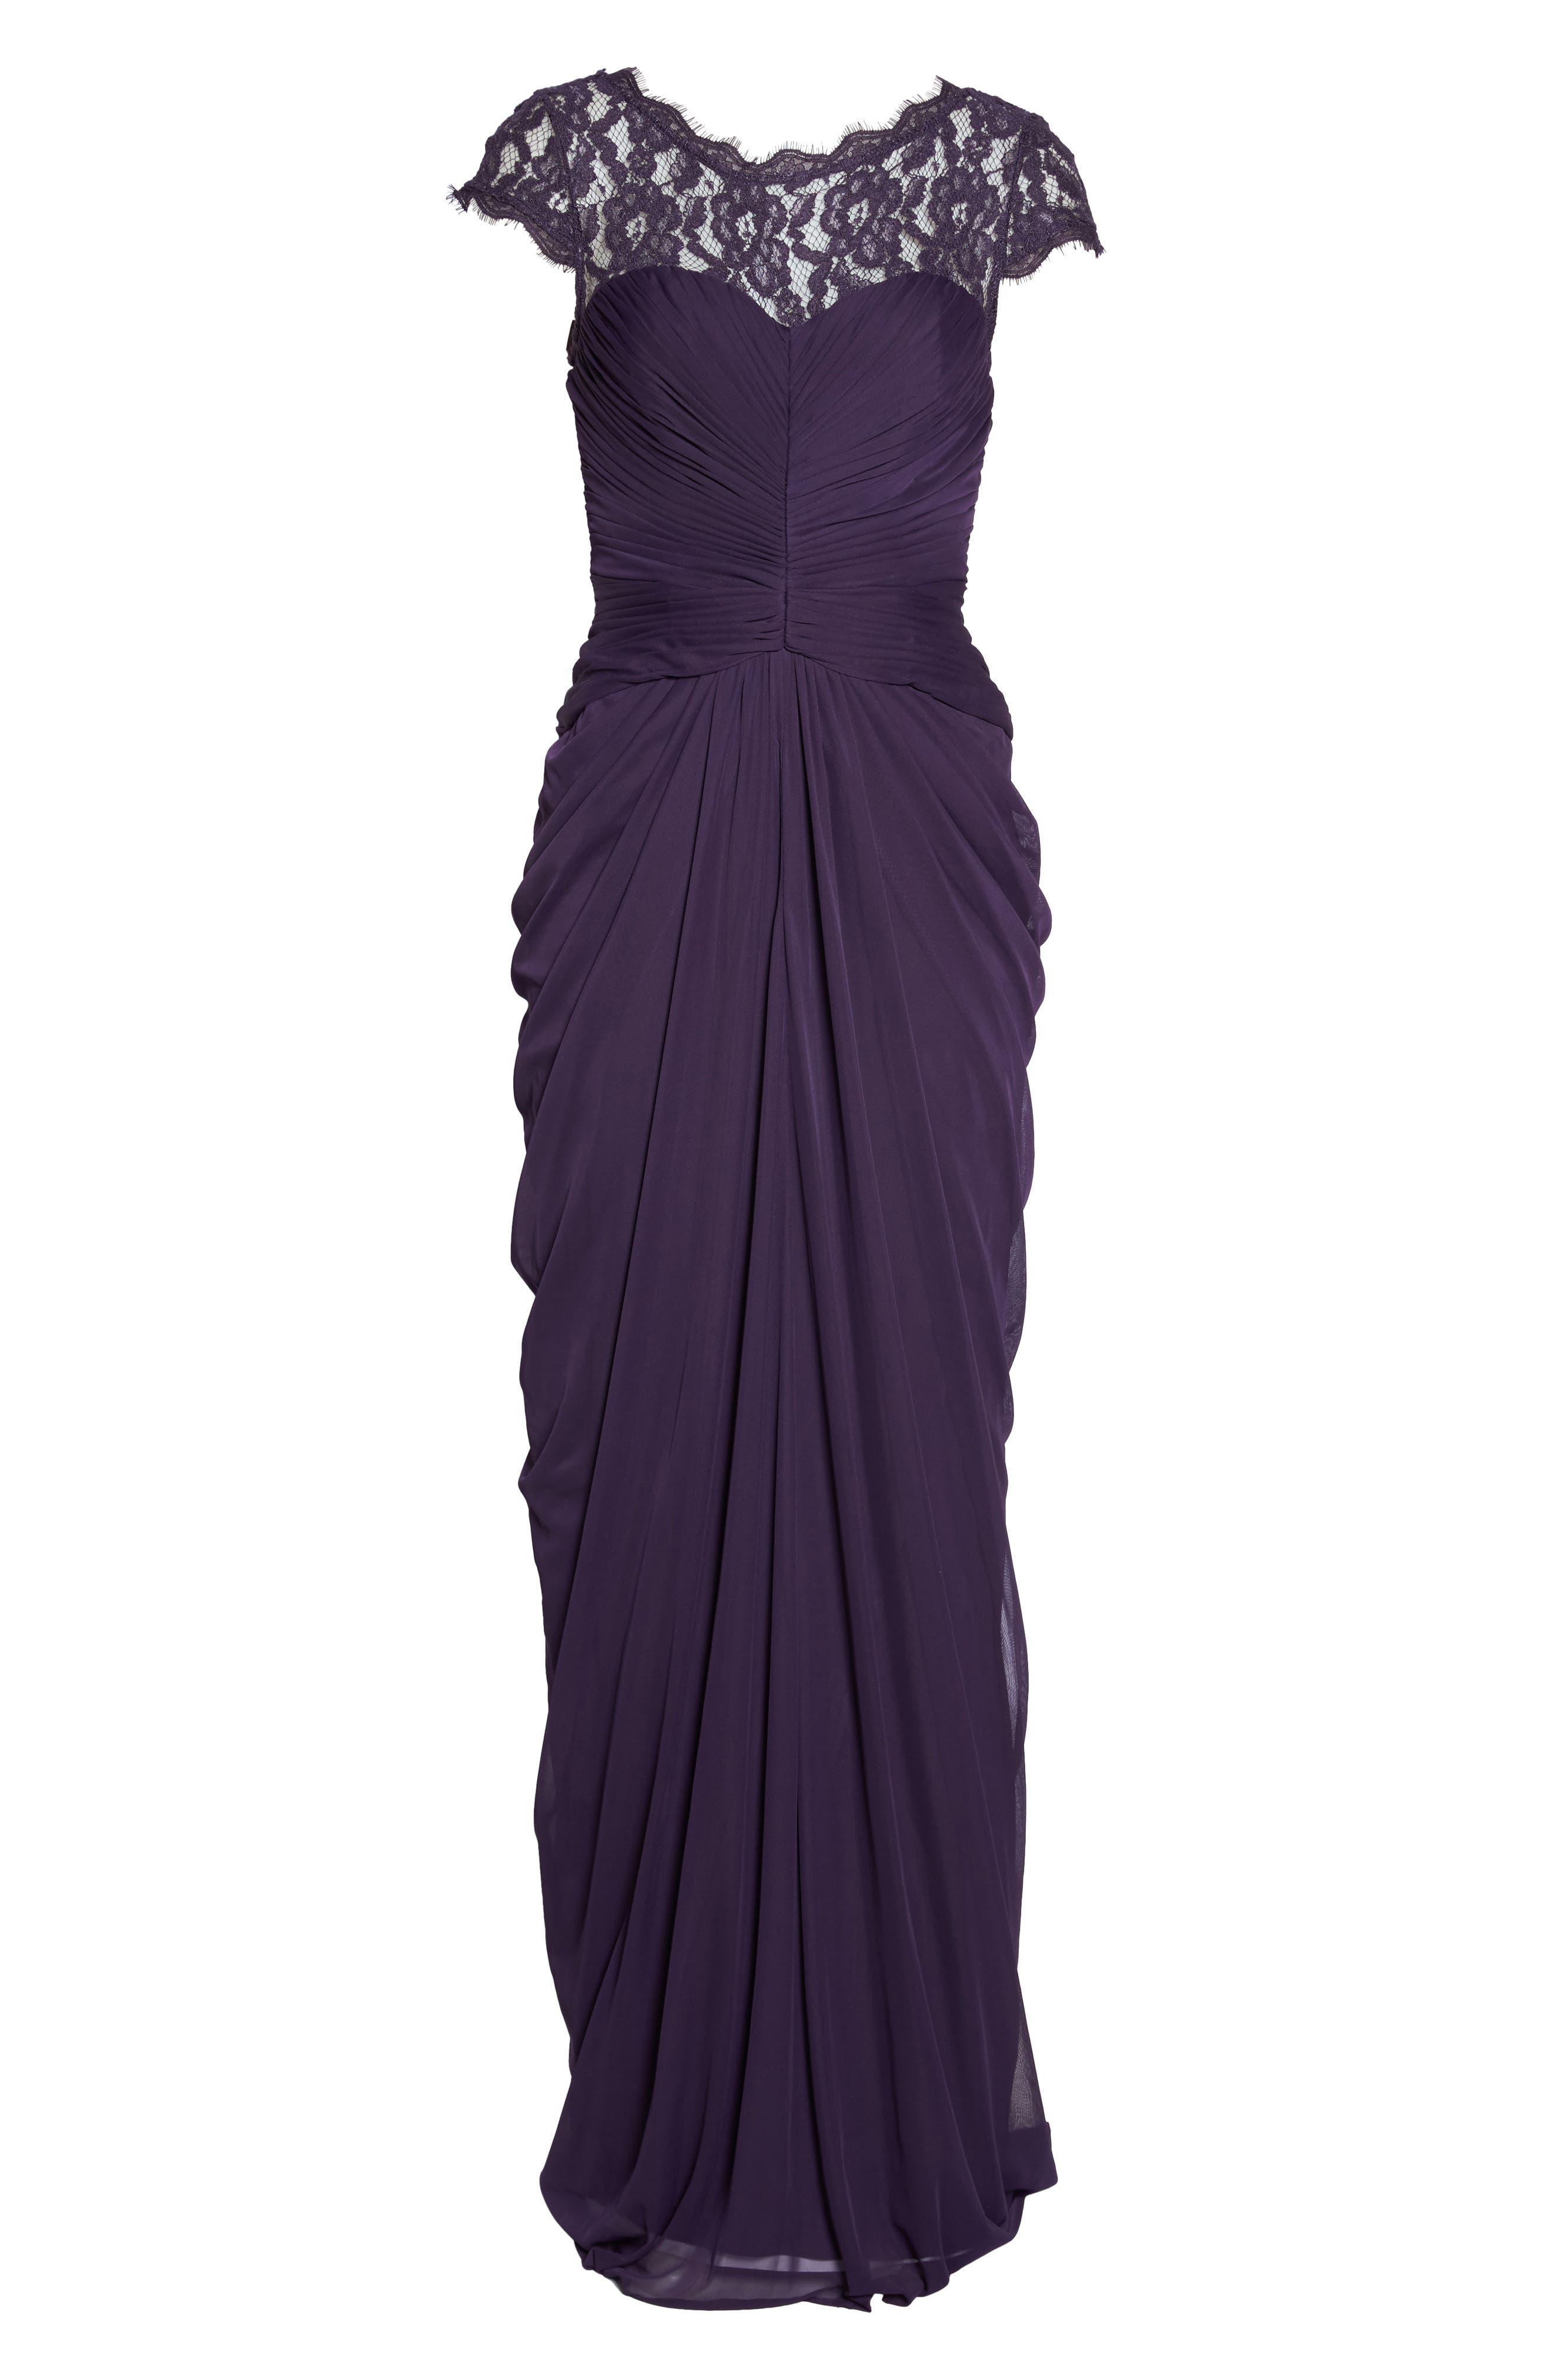 Lace Yoke Drape Gown,                         Main,                         color, Aubergine